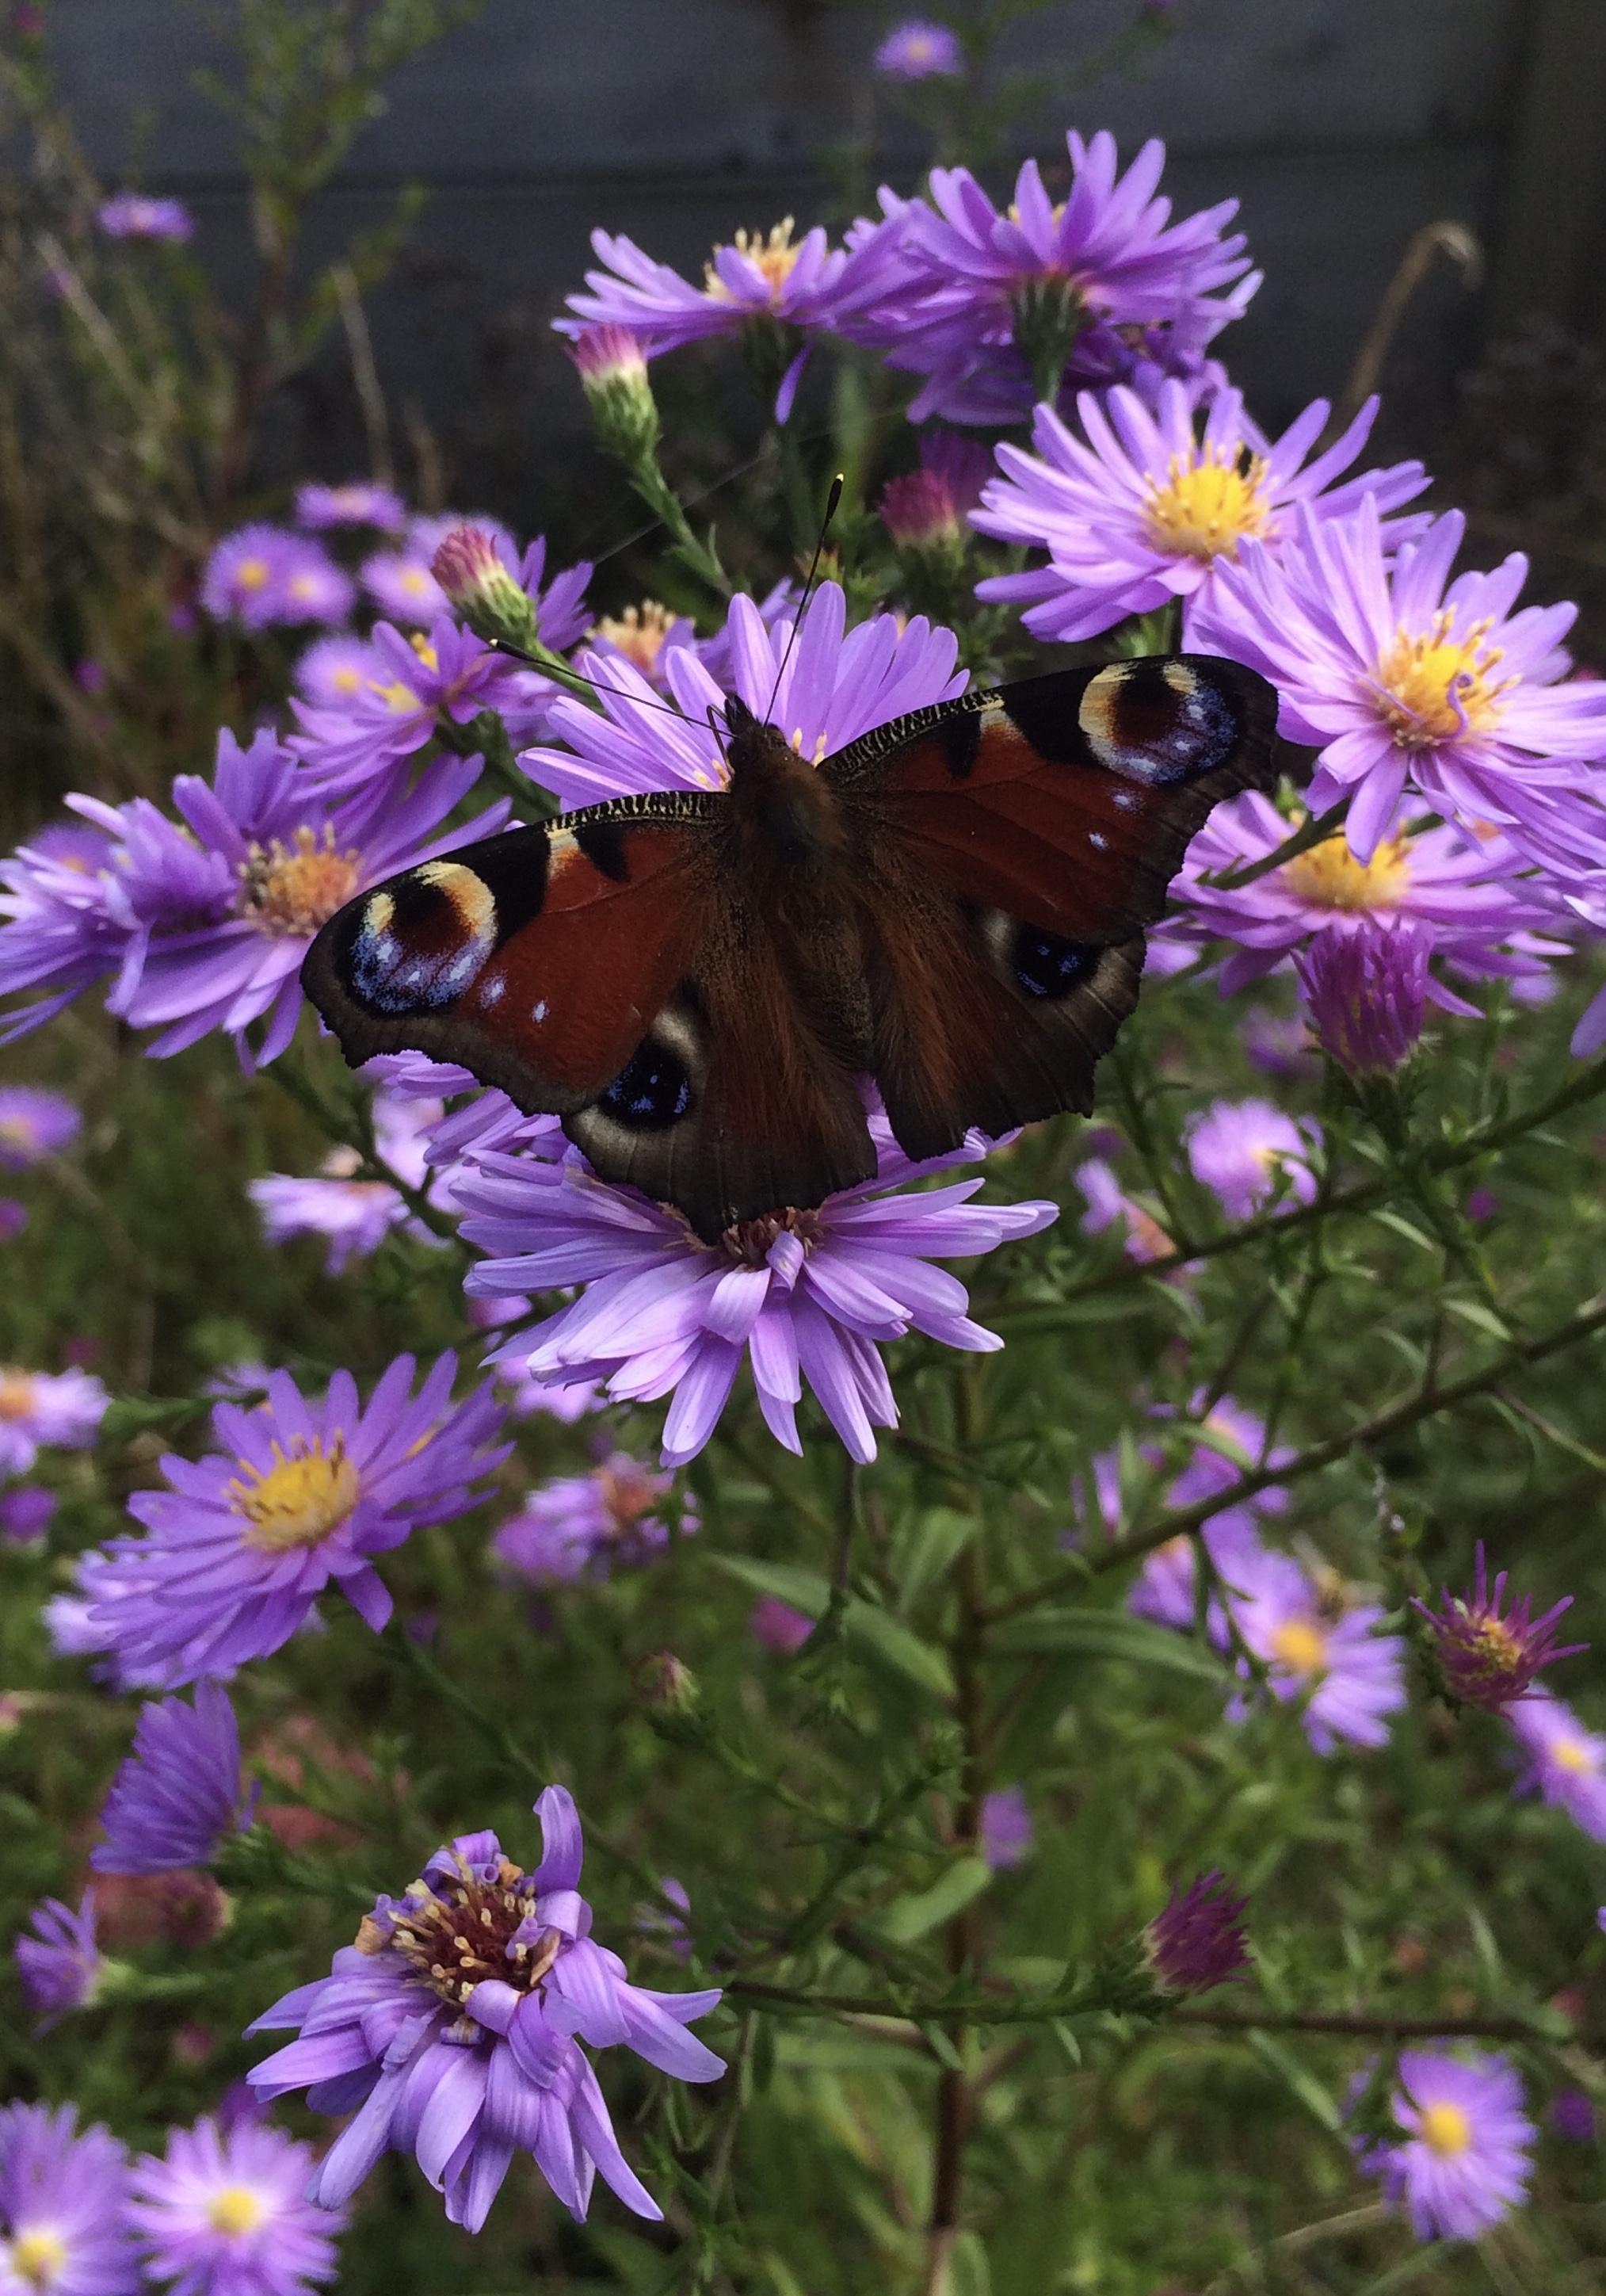 Pfauenauge auf lilafarbenen Blumen